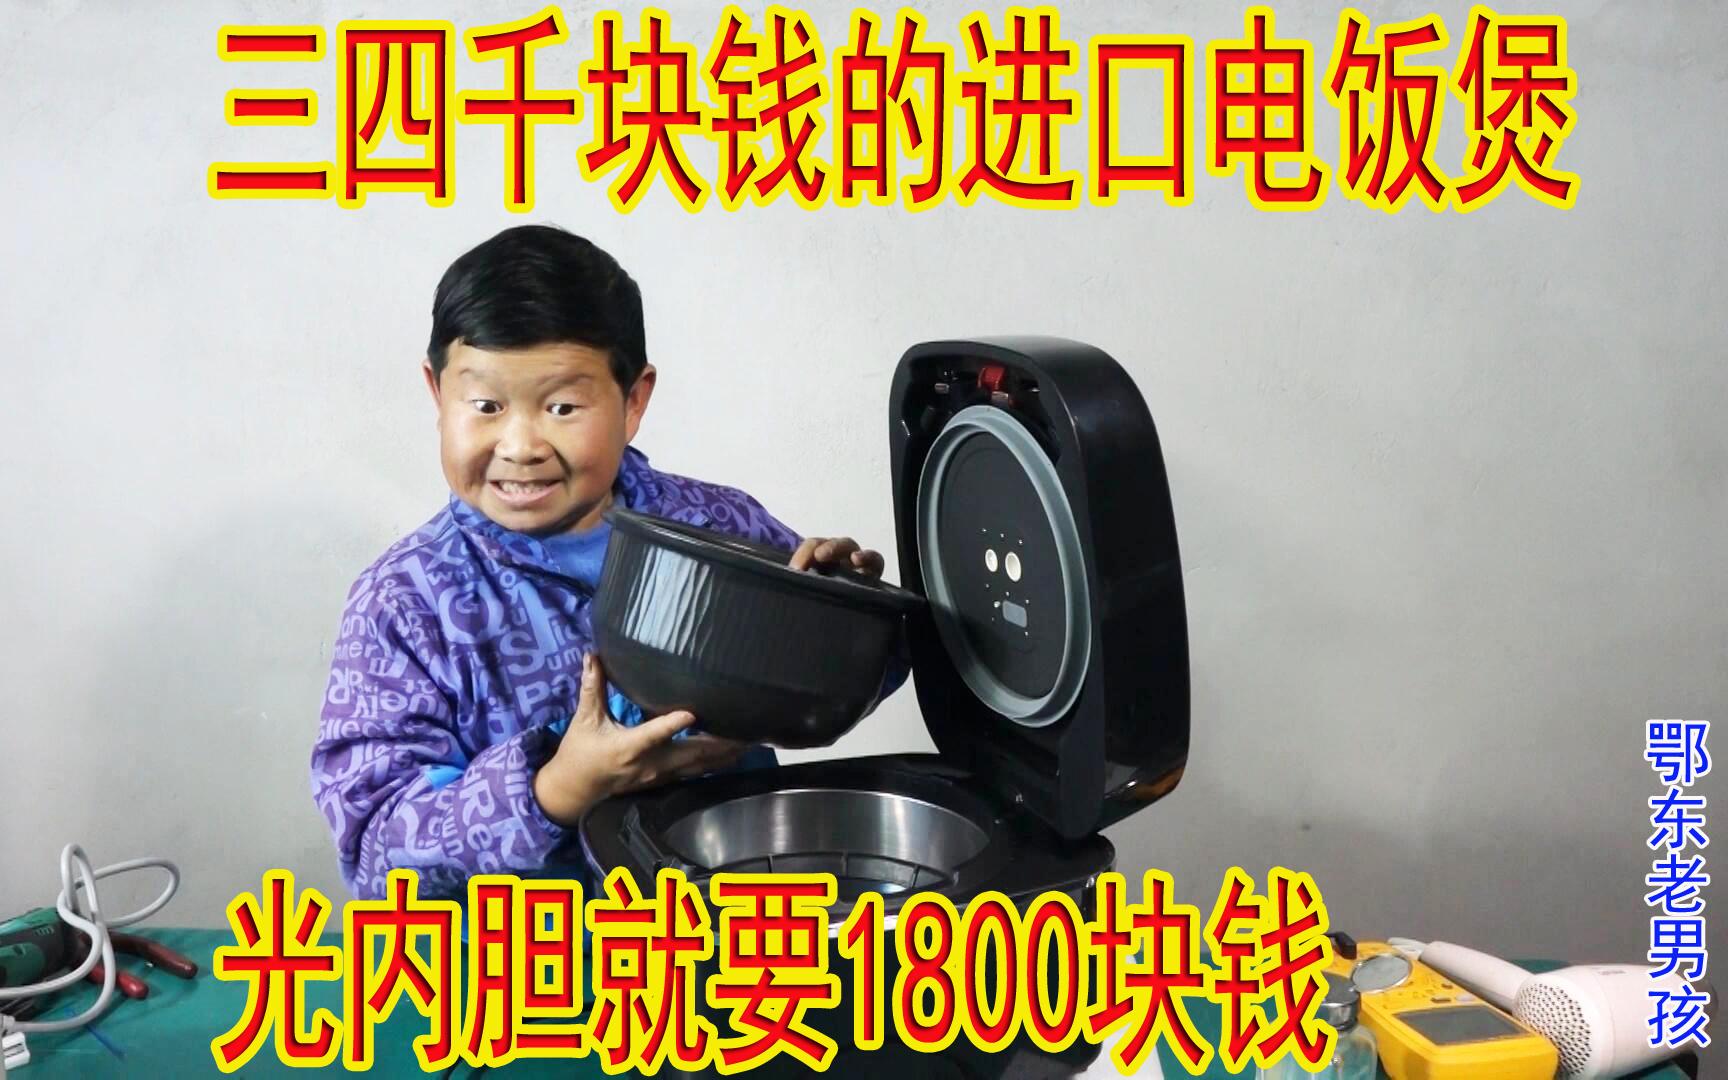 三四千块钱的进口电饭煲,光内胆就要1800,老男孩都不敢相信